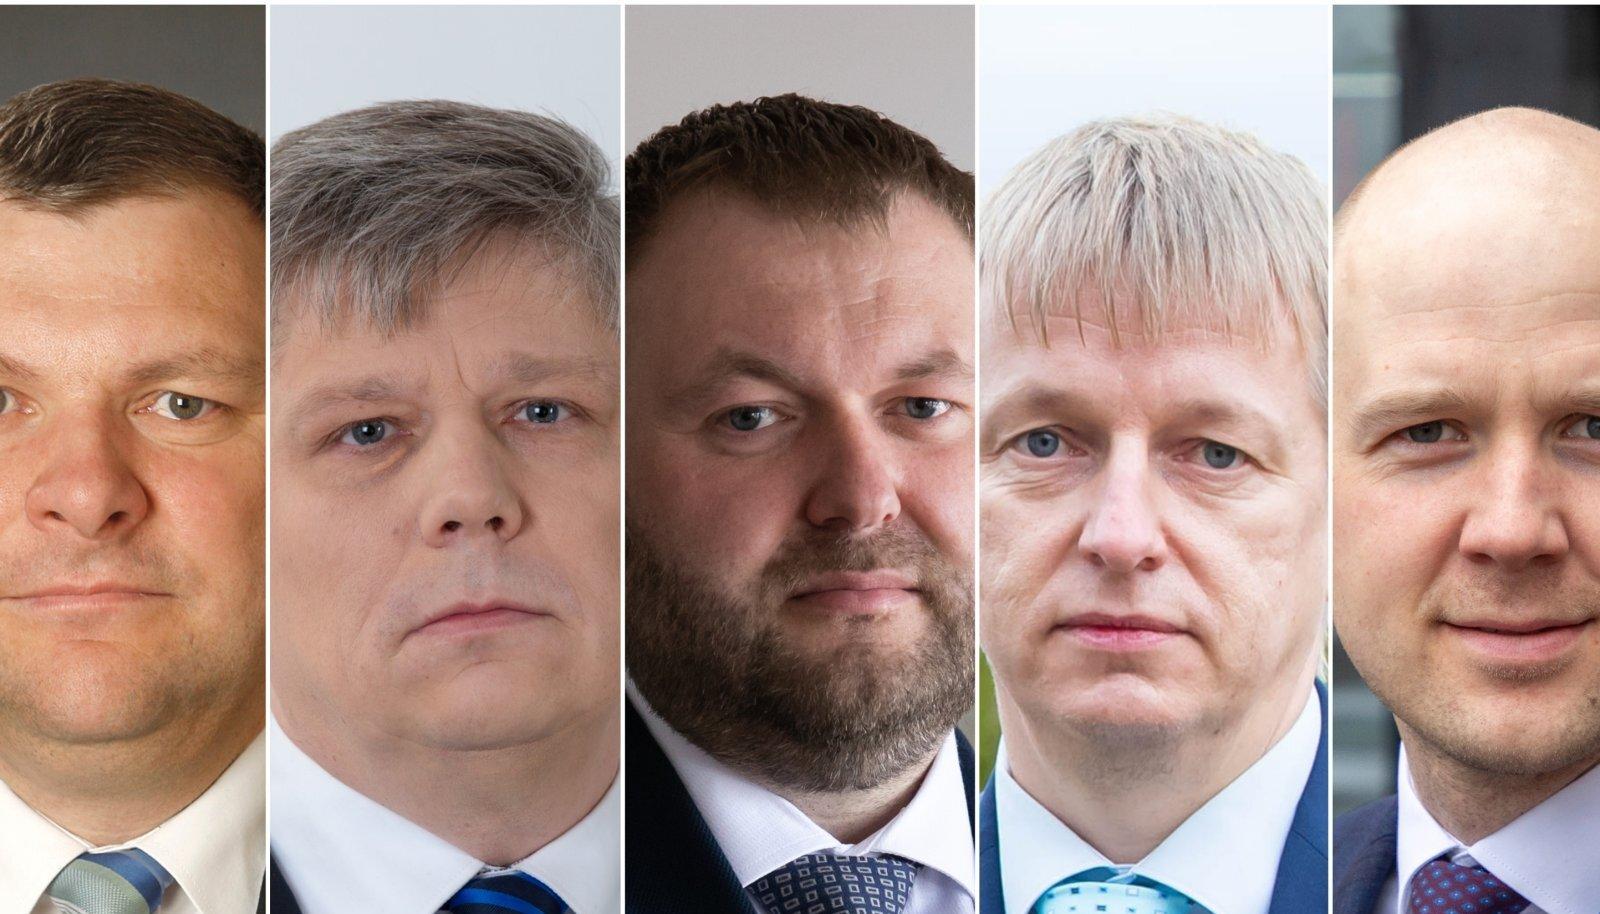 KESKKONNAMINISTRID: Keskkonnaministeeriumis on viimase viie aasta jooksul olnud viis ministrit. Ministrid jõuavad vaevalt sisse elada, kui peavad juba lahkuma.